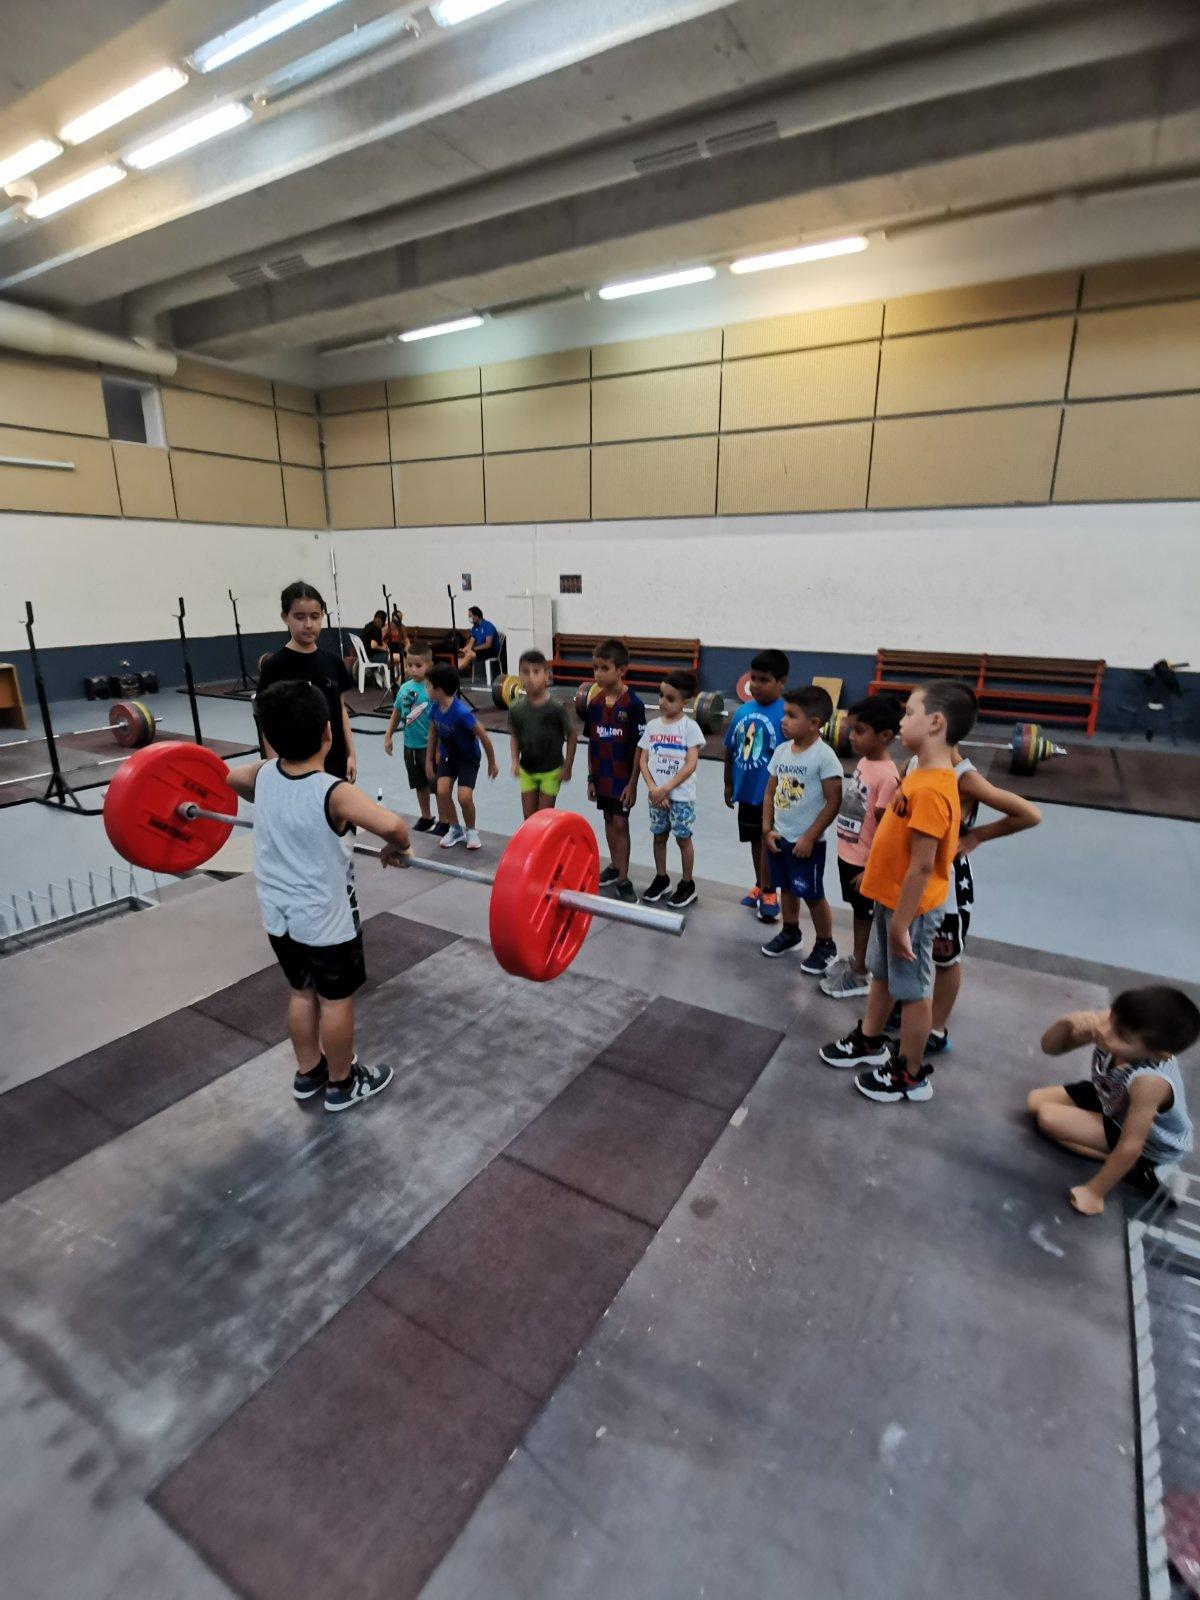 Επίσκεψη του ΑΓΟ στις αθλητικές εγκαταστάσεις της Ομοσπονδίας μας